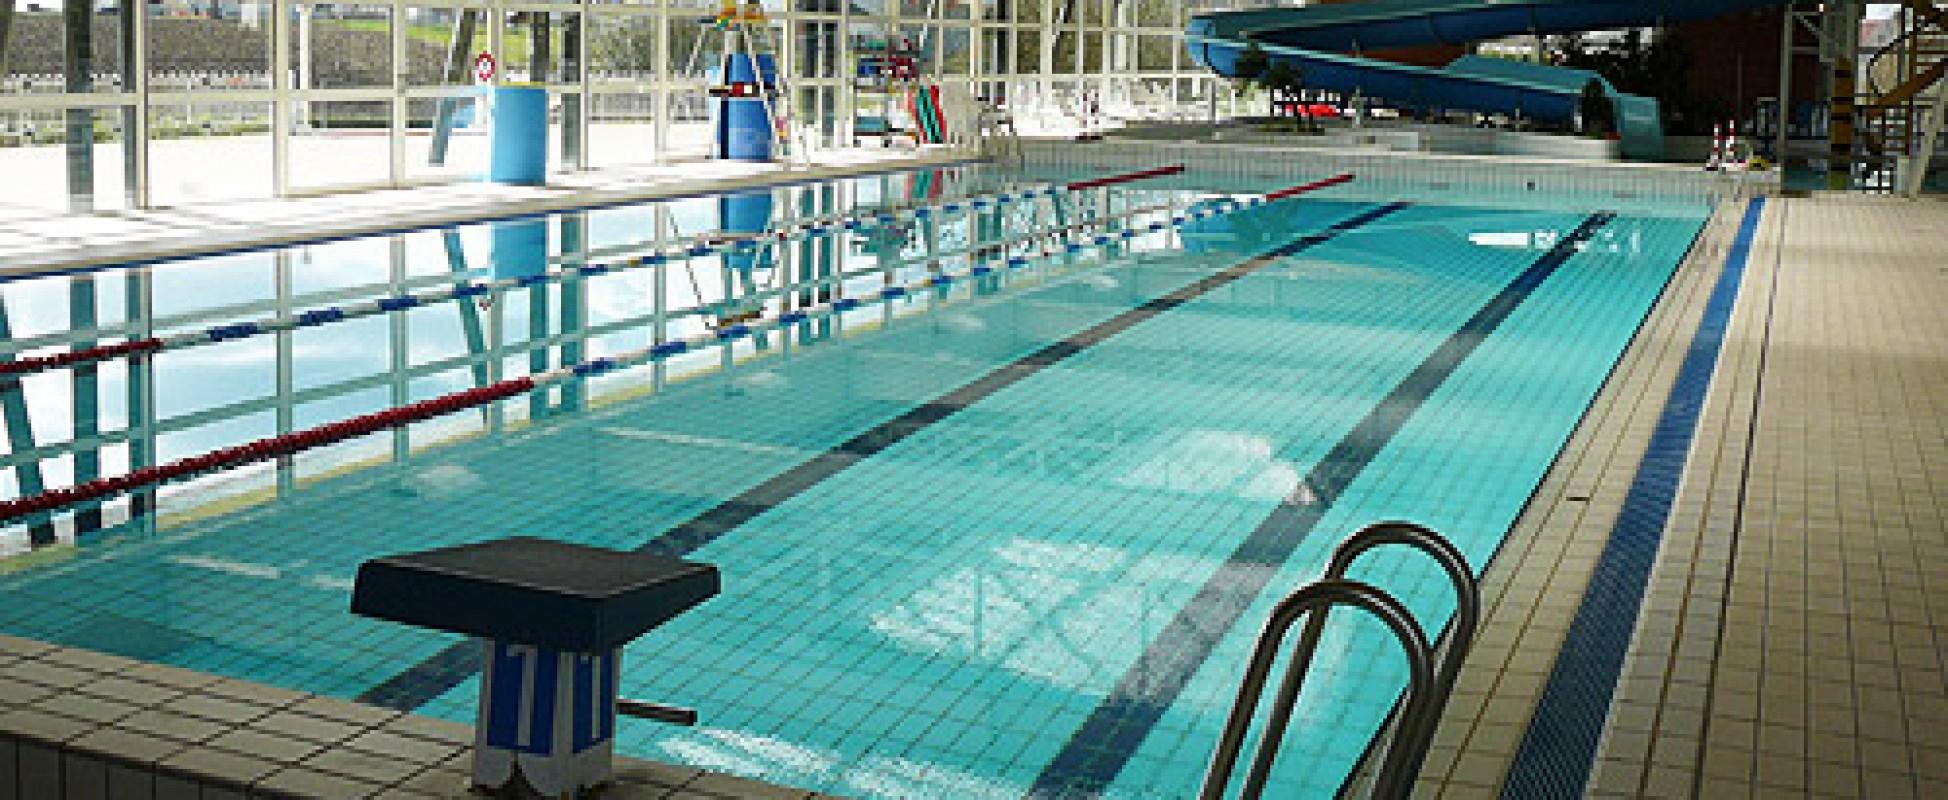 Val D'oréane Espace Aquatique Piscine Loiret 45 | Spaetc.fr avec Piscine De Dampierre En Burly